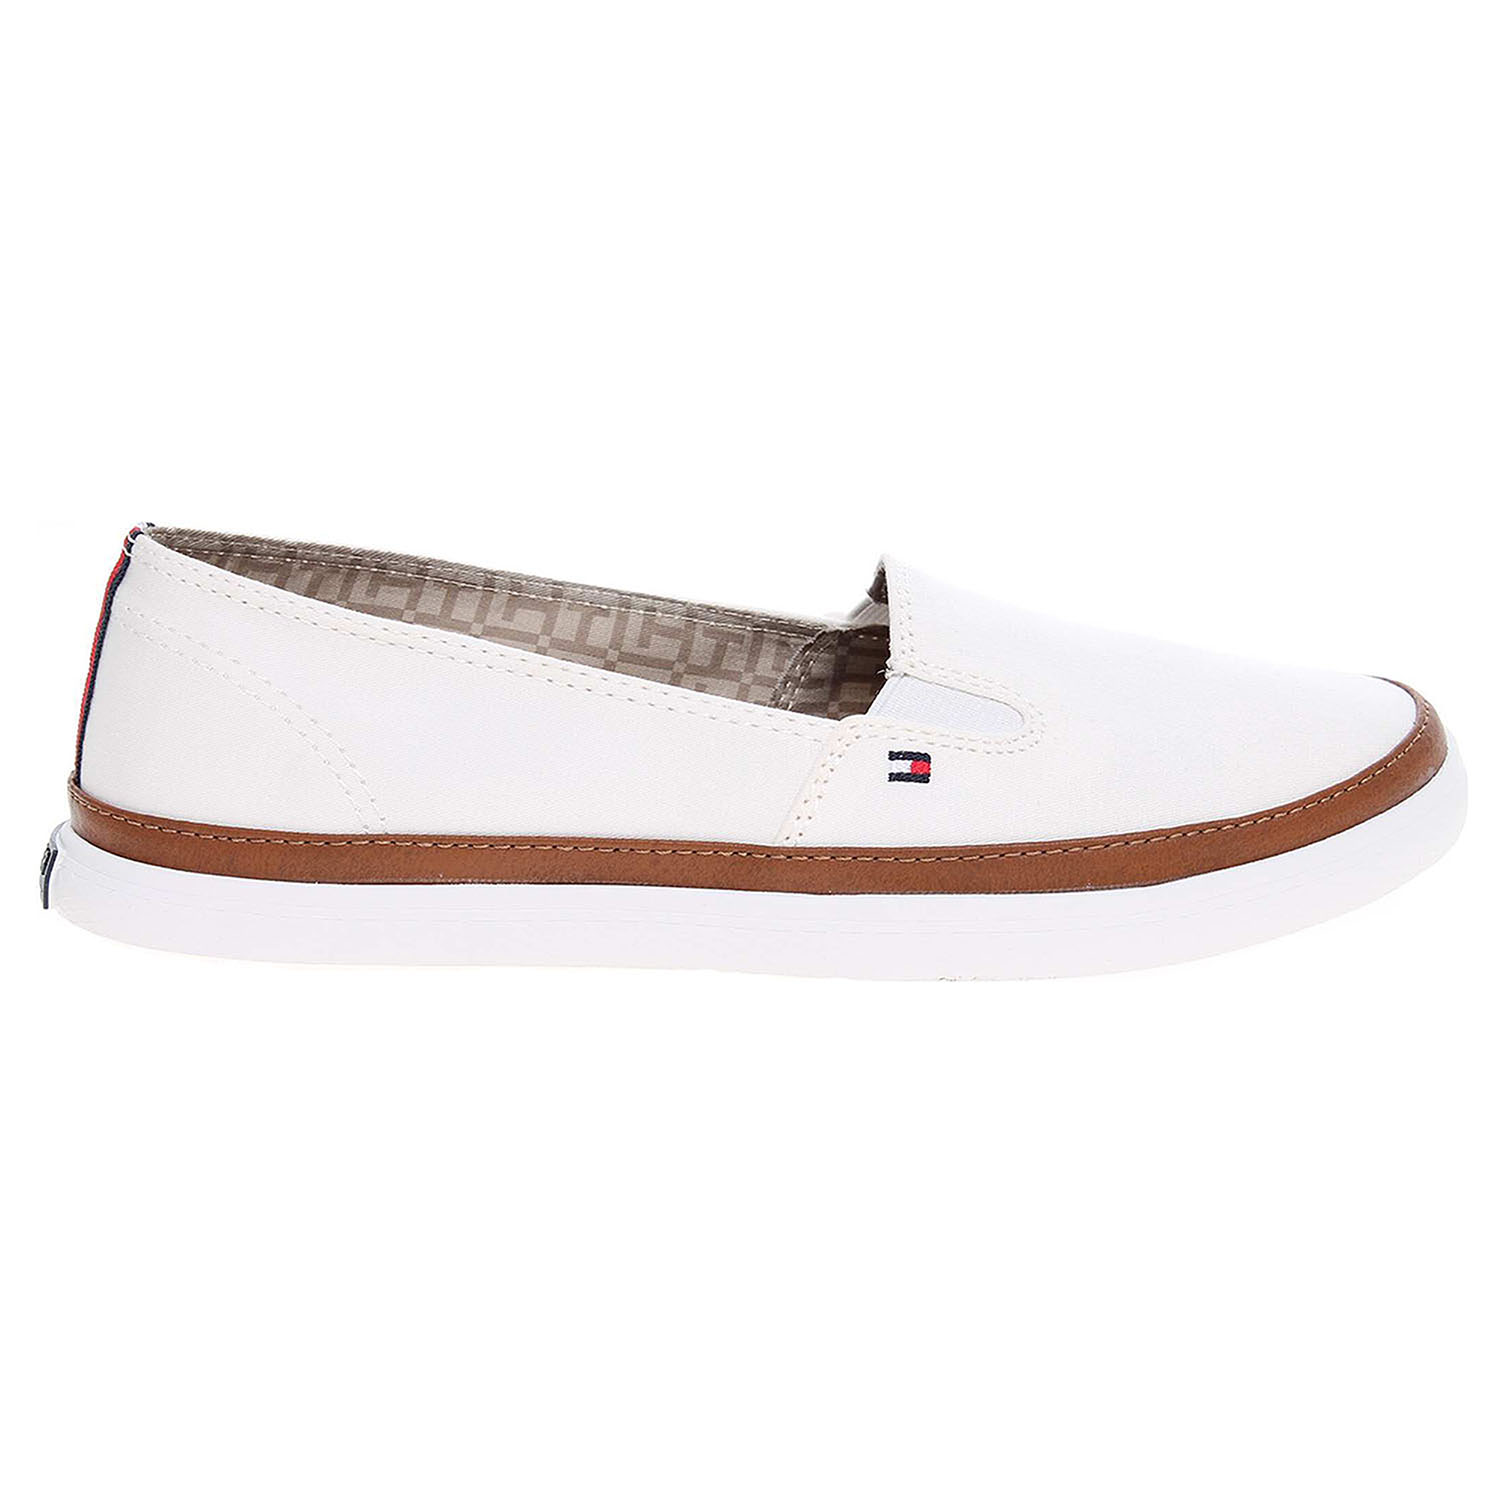 Ecco Tommy Hilfiger dámská obuv FW0FW01656 K1285ESHA 7D bílá 23200690 3584fecac5e